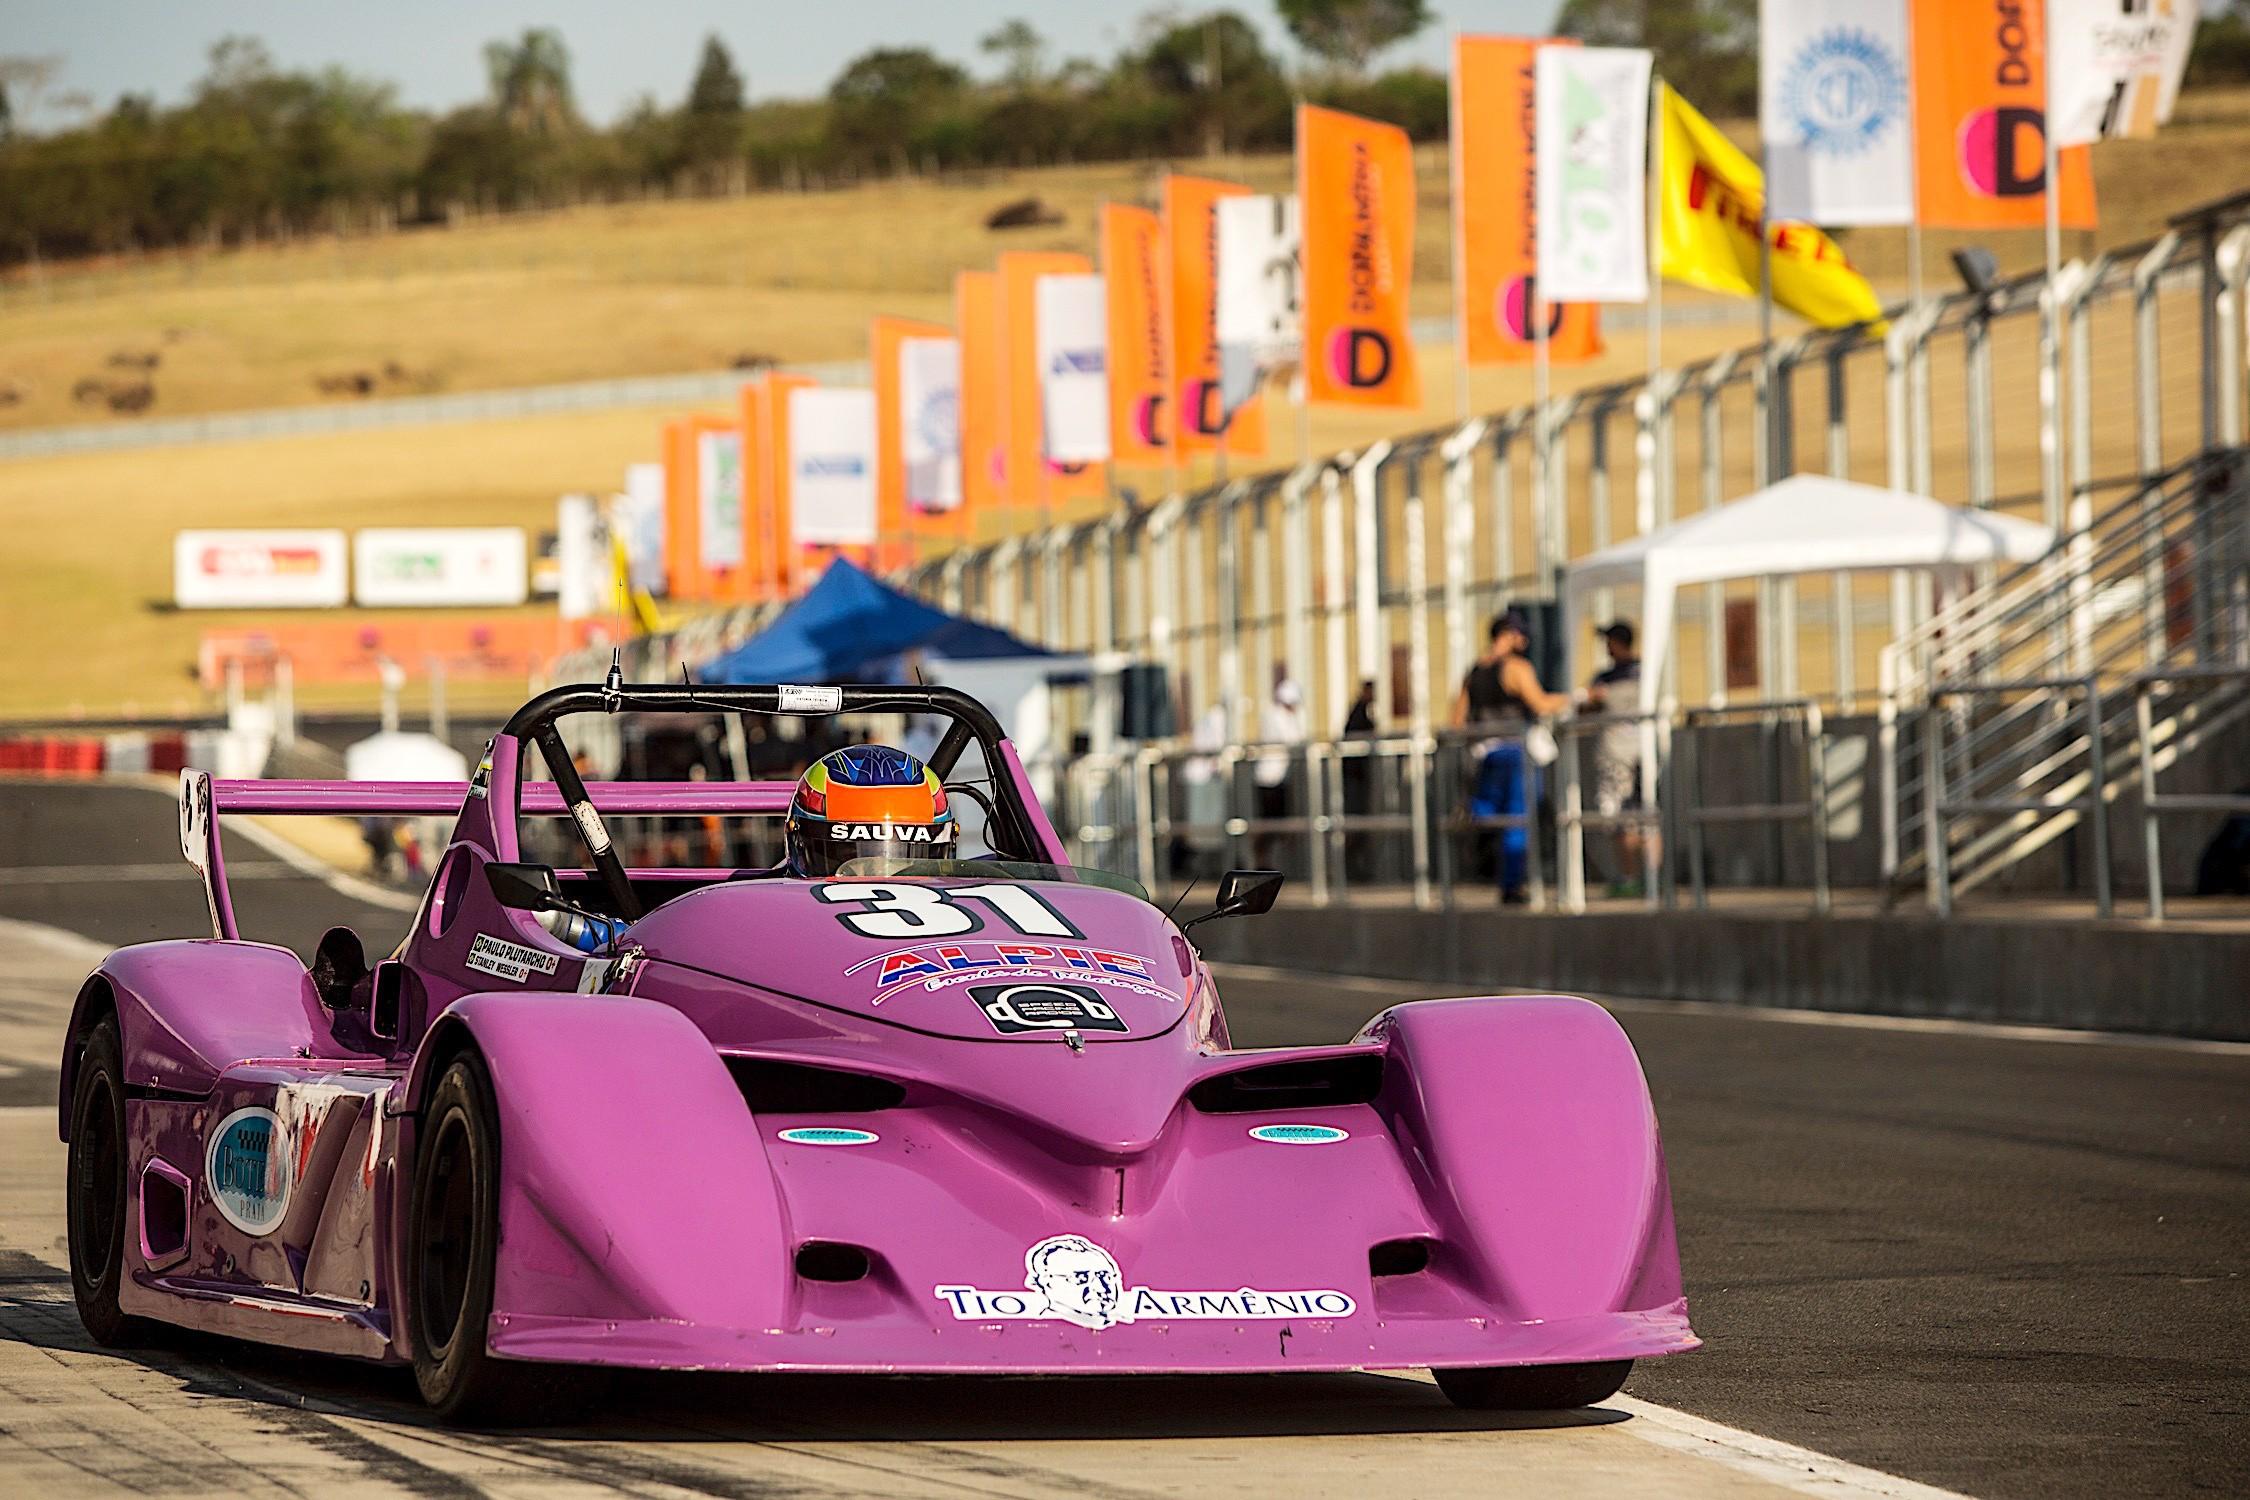 Spyder #31 dos pilotos Paulo Plutarcho_Stanley Wessler_Sergio Ventura (Foto: Bruno Terena)